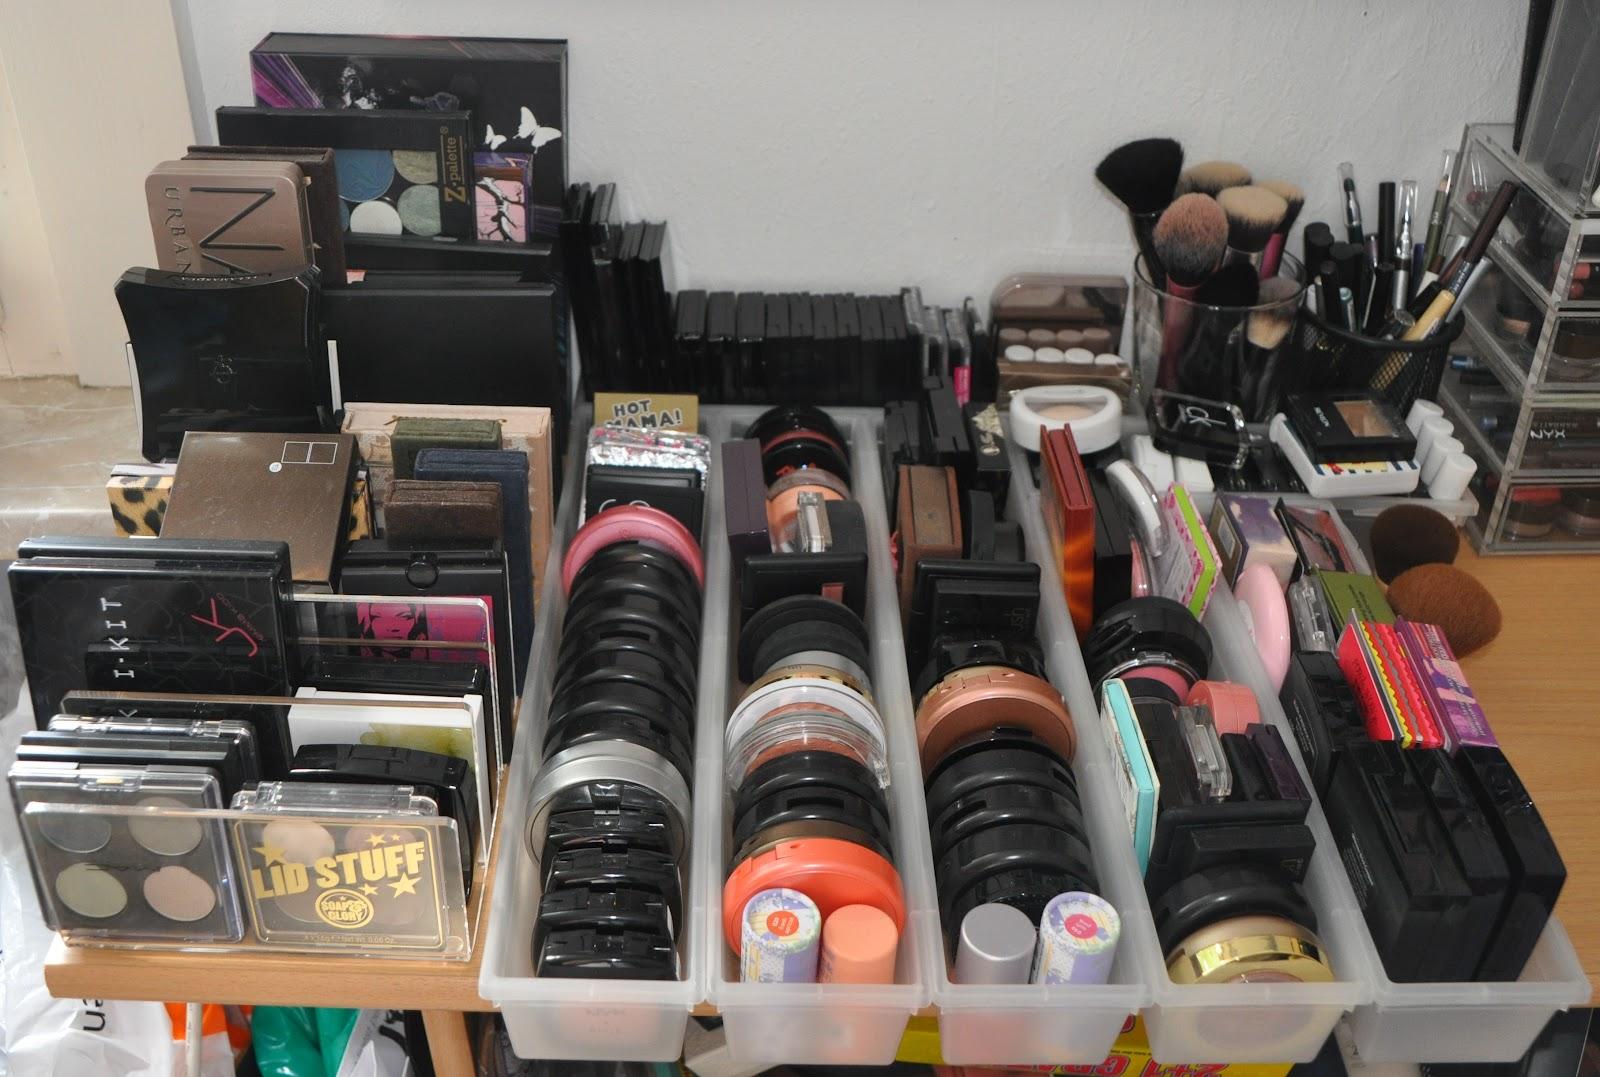 schni 39 s beauty blog make up organisation. Black Bedroom Furniture Sets. Home Design Ideas